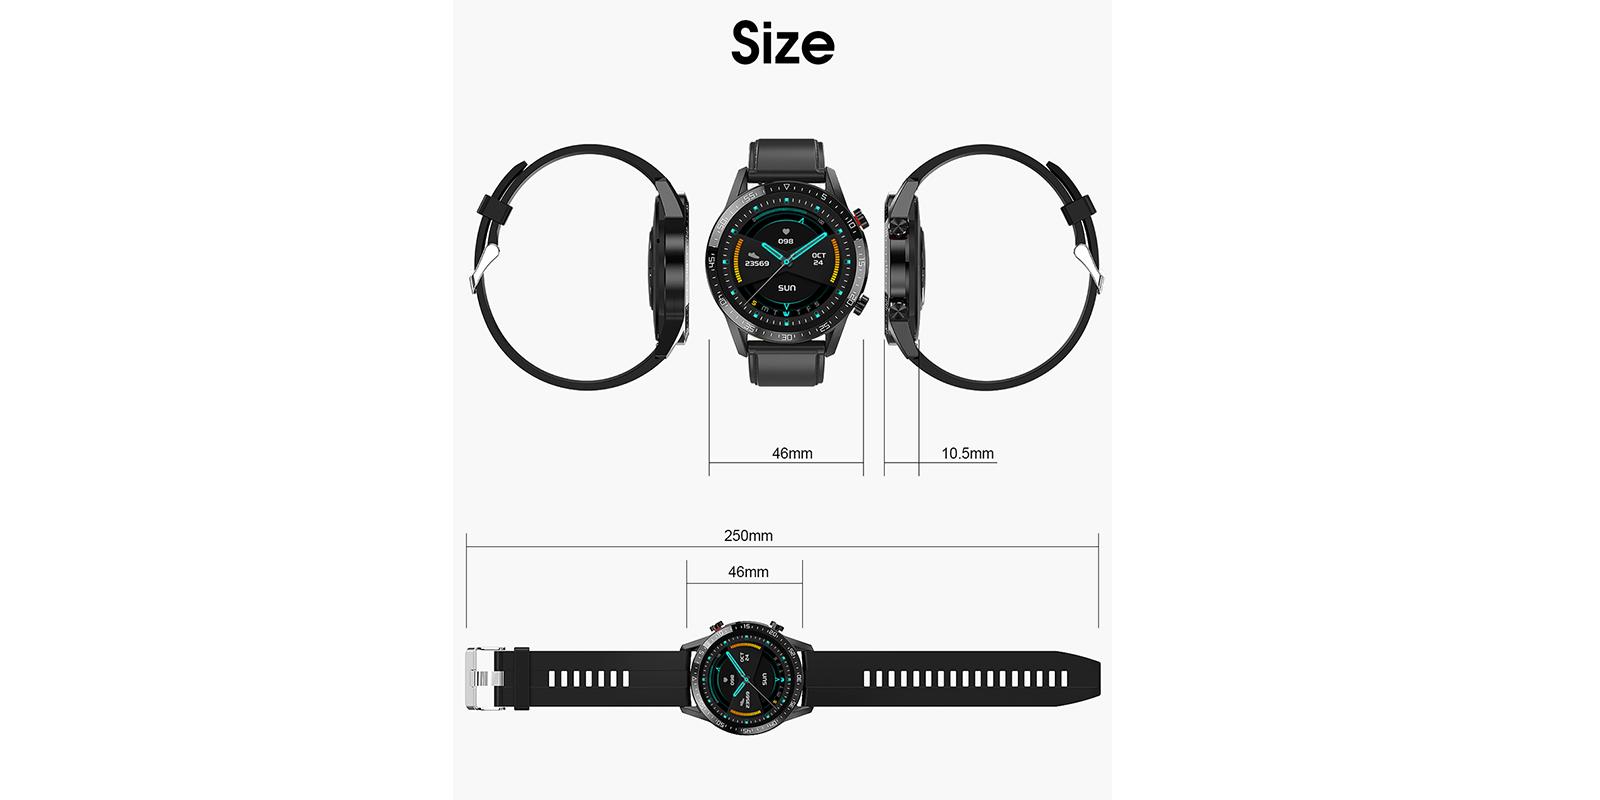 GX Smart Watch specs